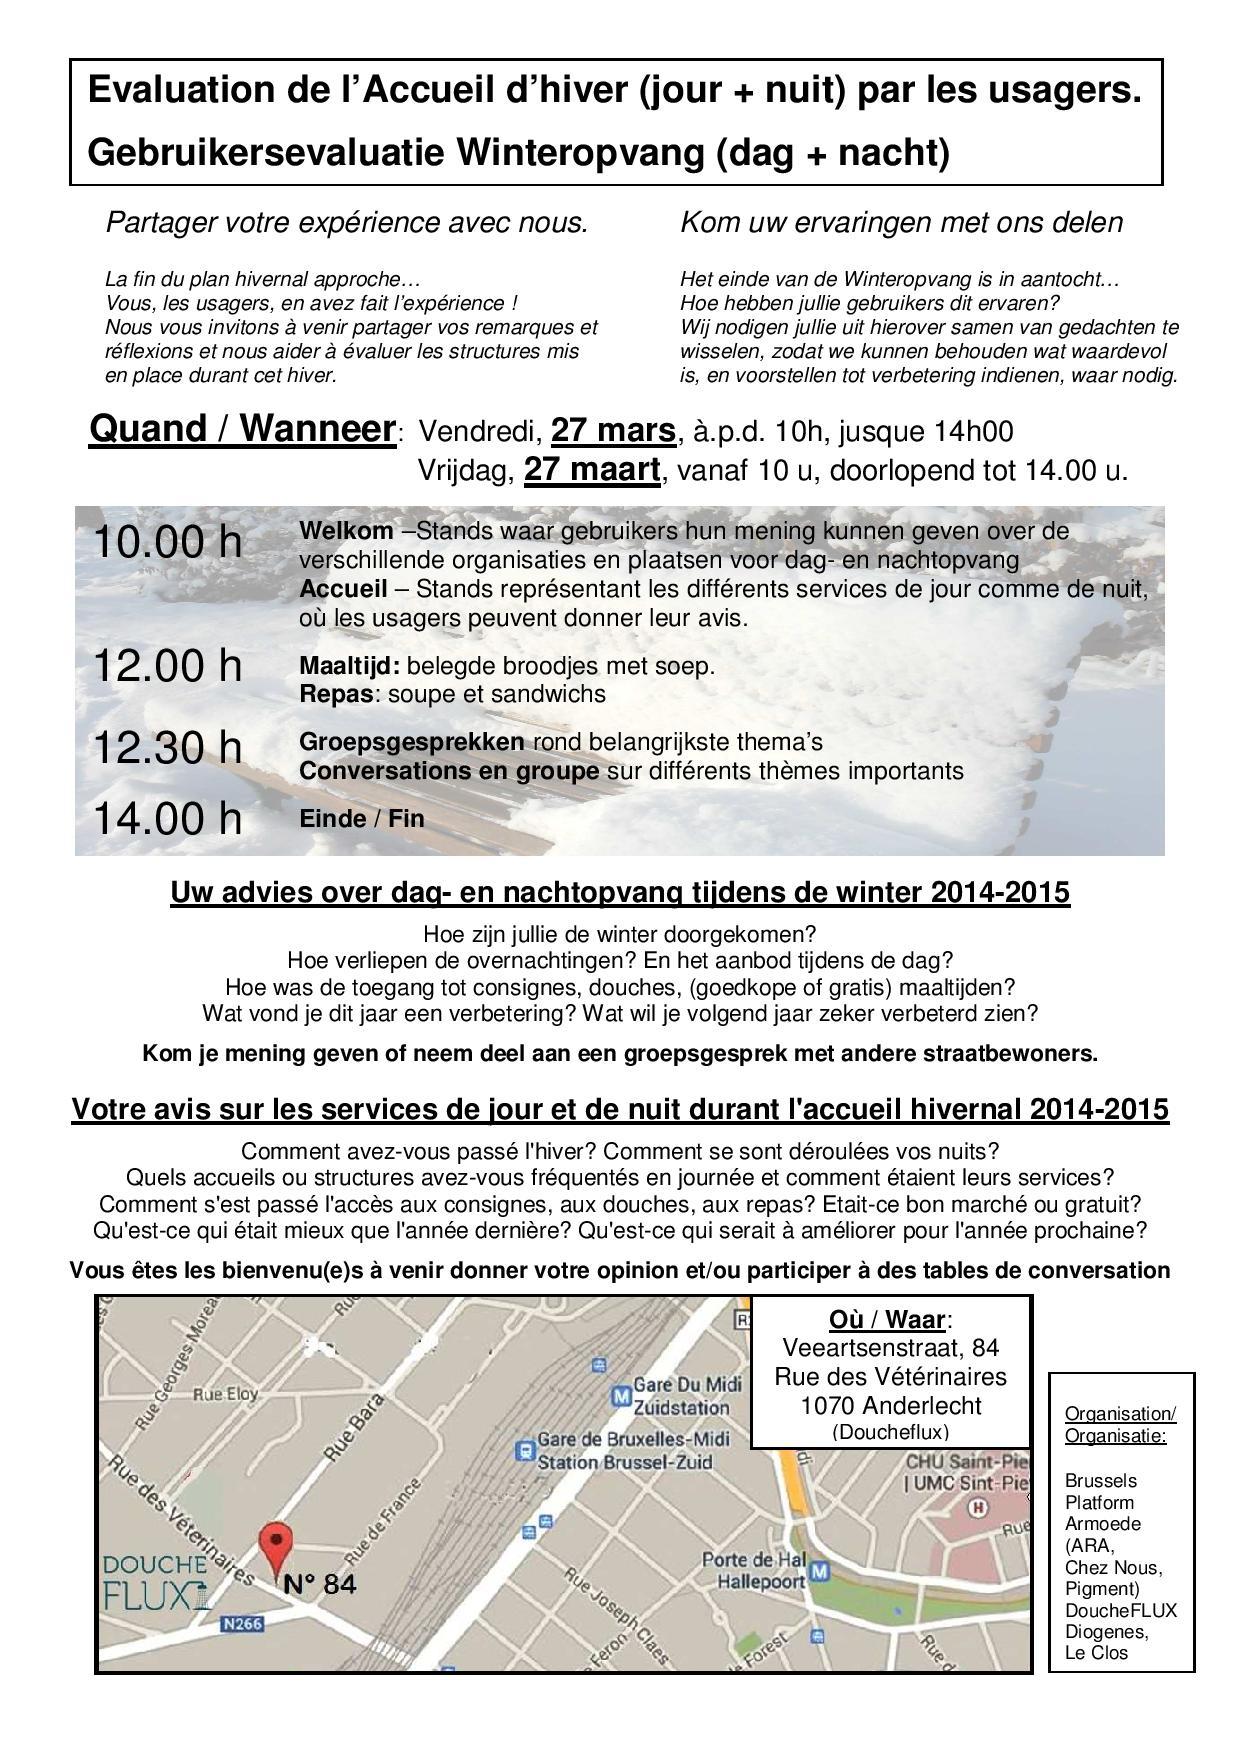 Affiche gebruikersevaluatie NL FR-page-001